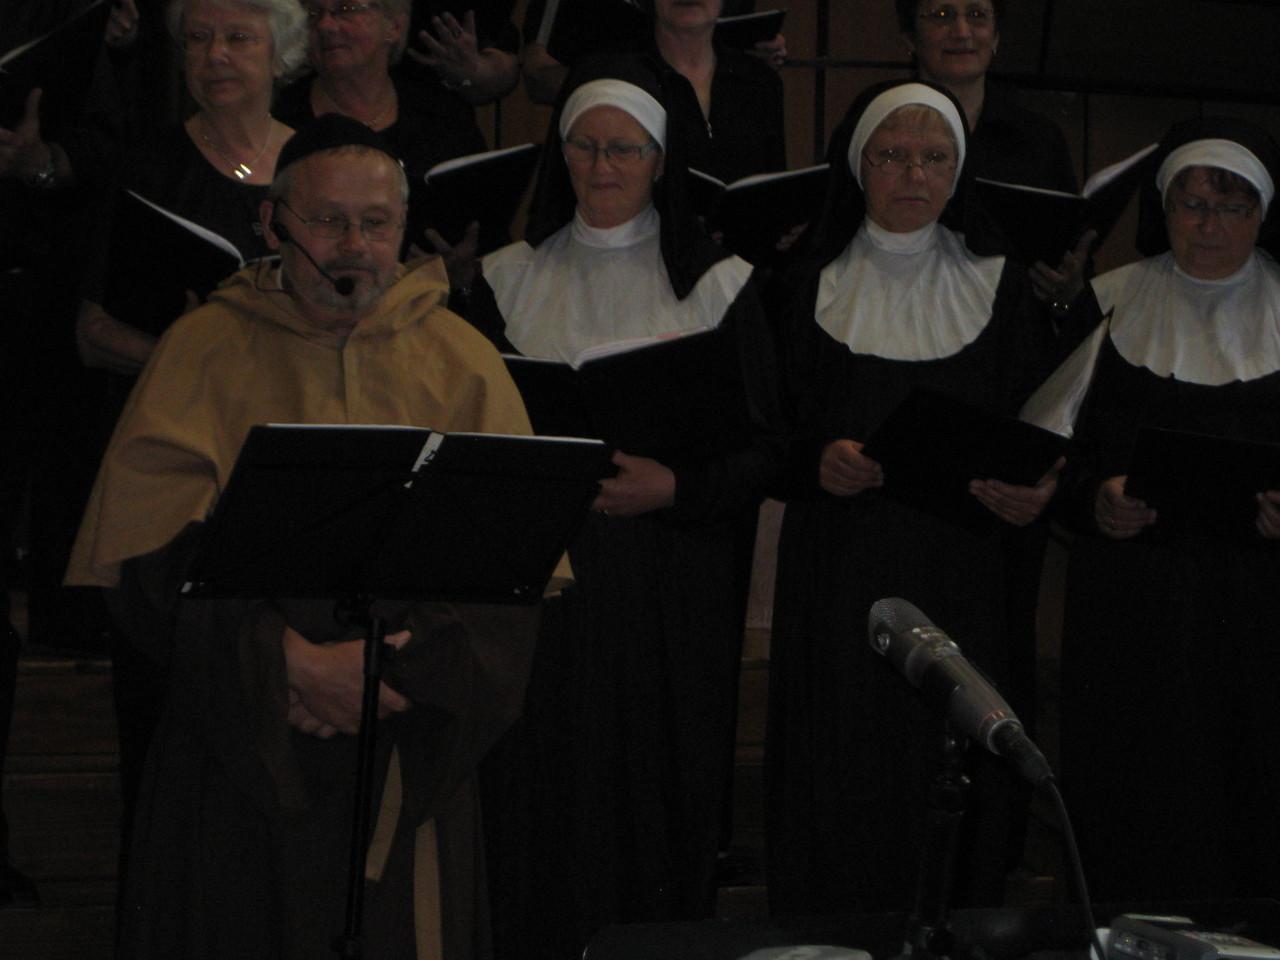 """Zu """"Sister Act"""" traten einige SängerInnen in Nonnen- und Mönchkostümen auf die Bühne."""